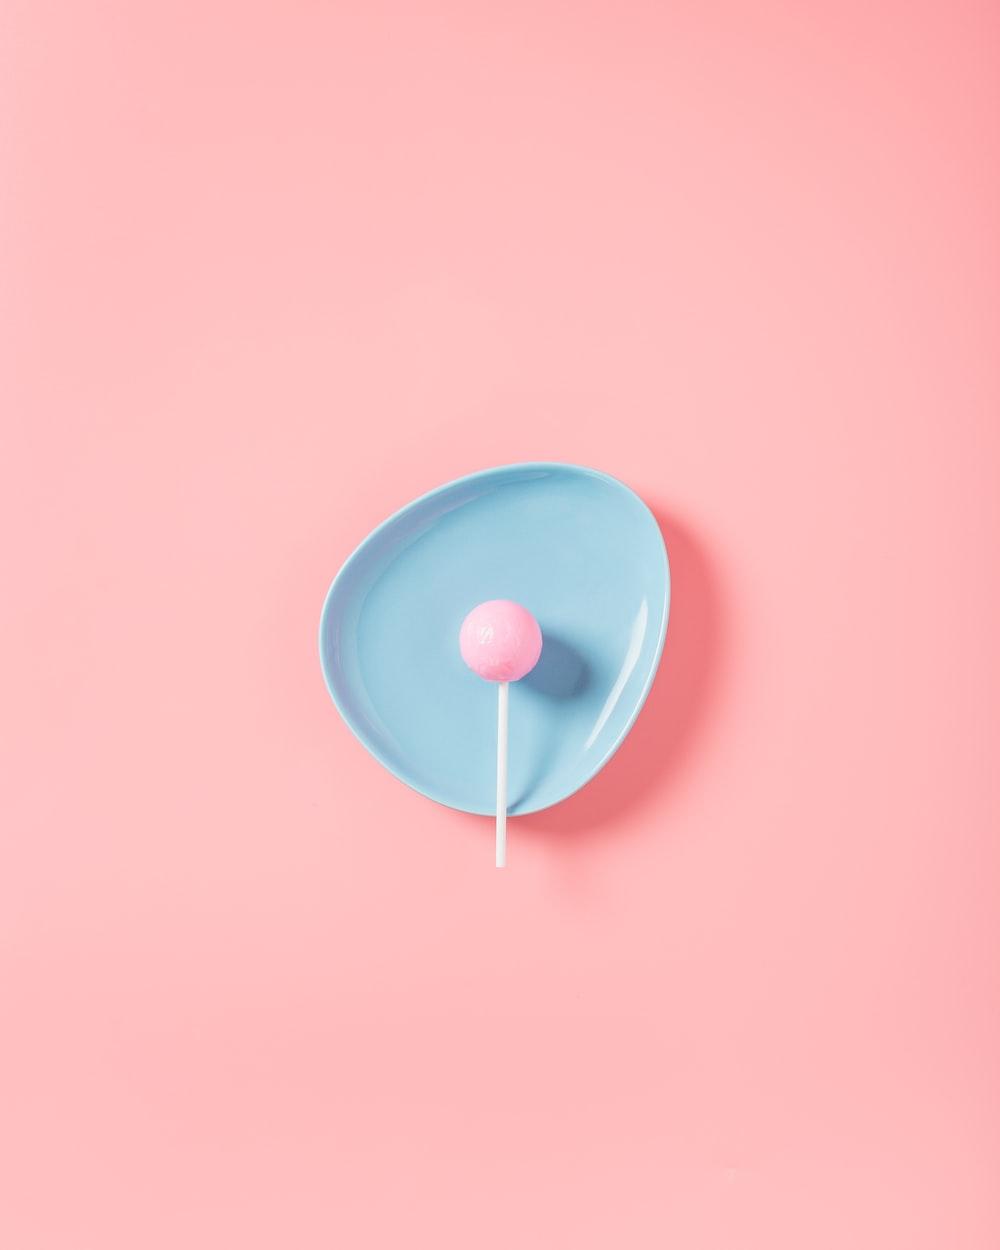 lollipop in blue plate